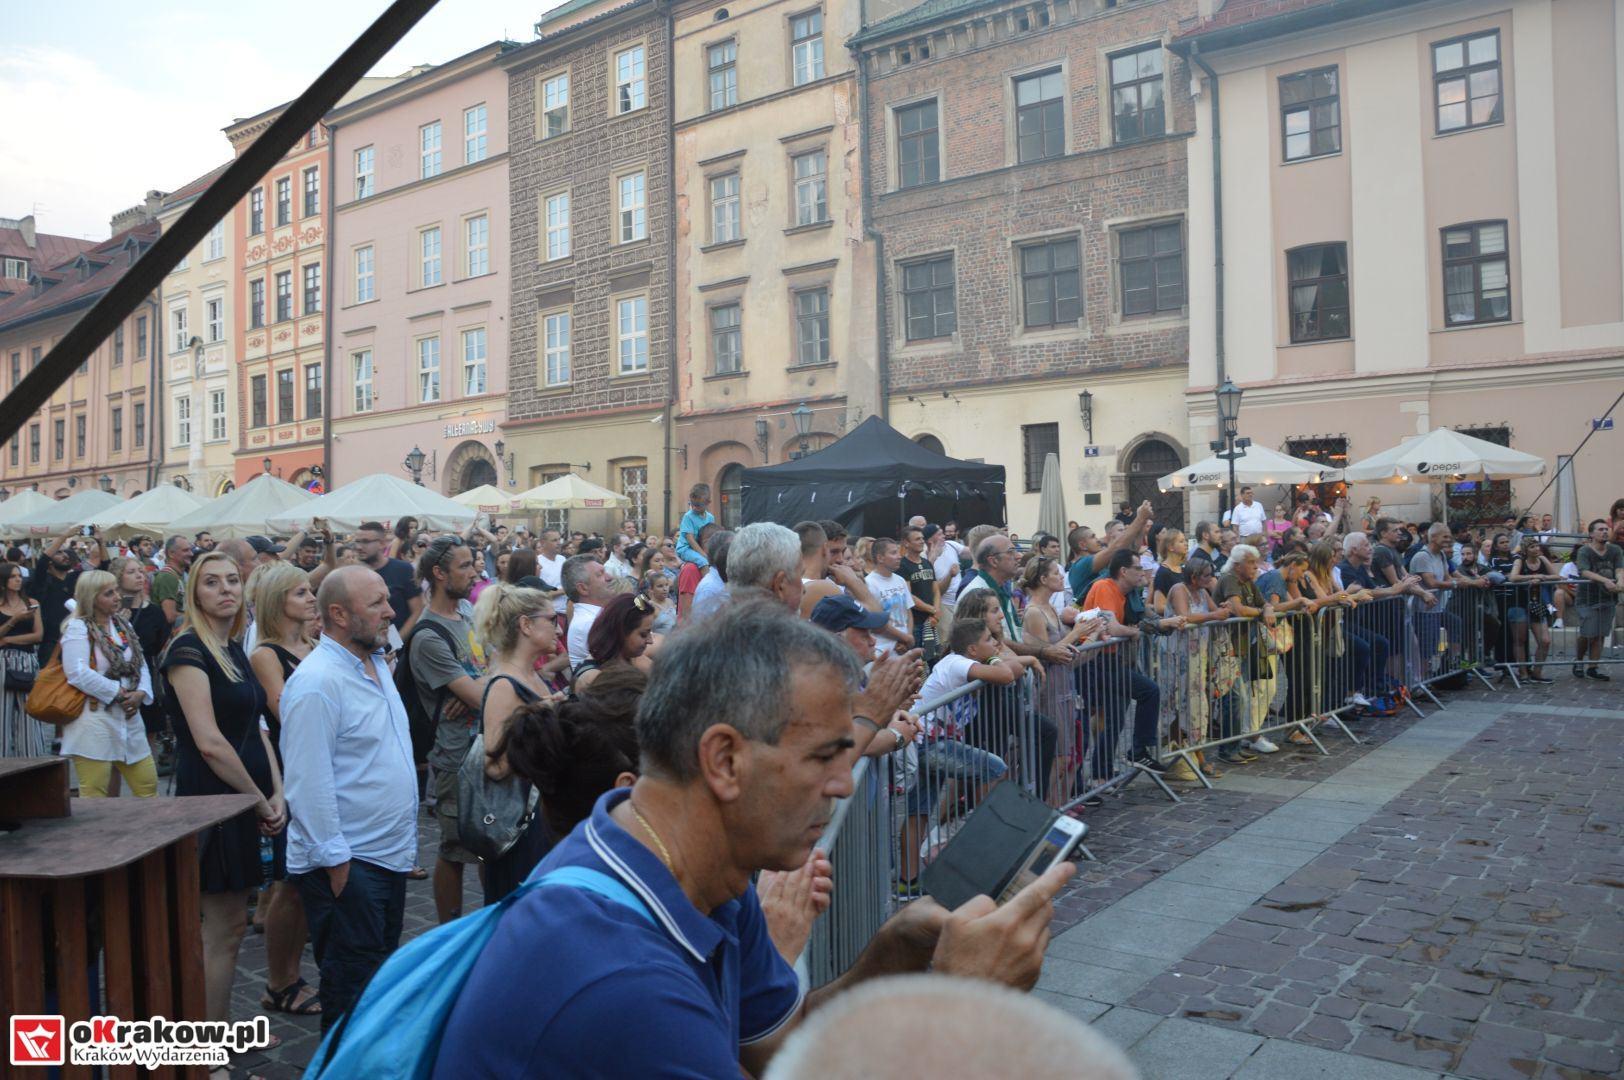 krakow festiwal pierogow maly rynek koncert cheap tobacco 176 150x150 - Galeria zdjęć Festiwal Pierogów Kraków 2018 + zdjęcia z koncertu Cheap Tobacco